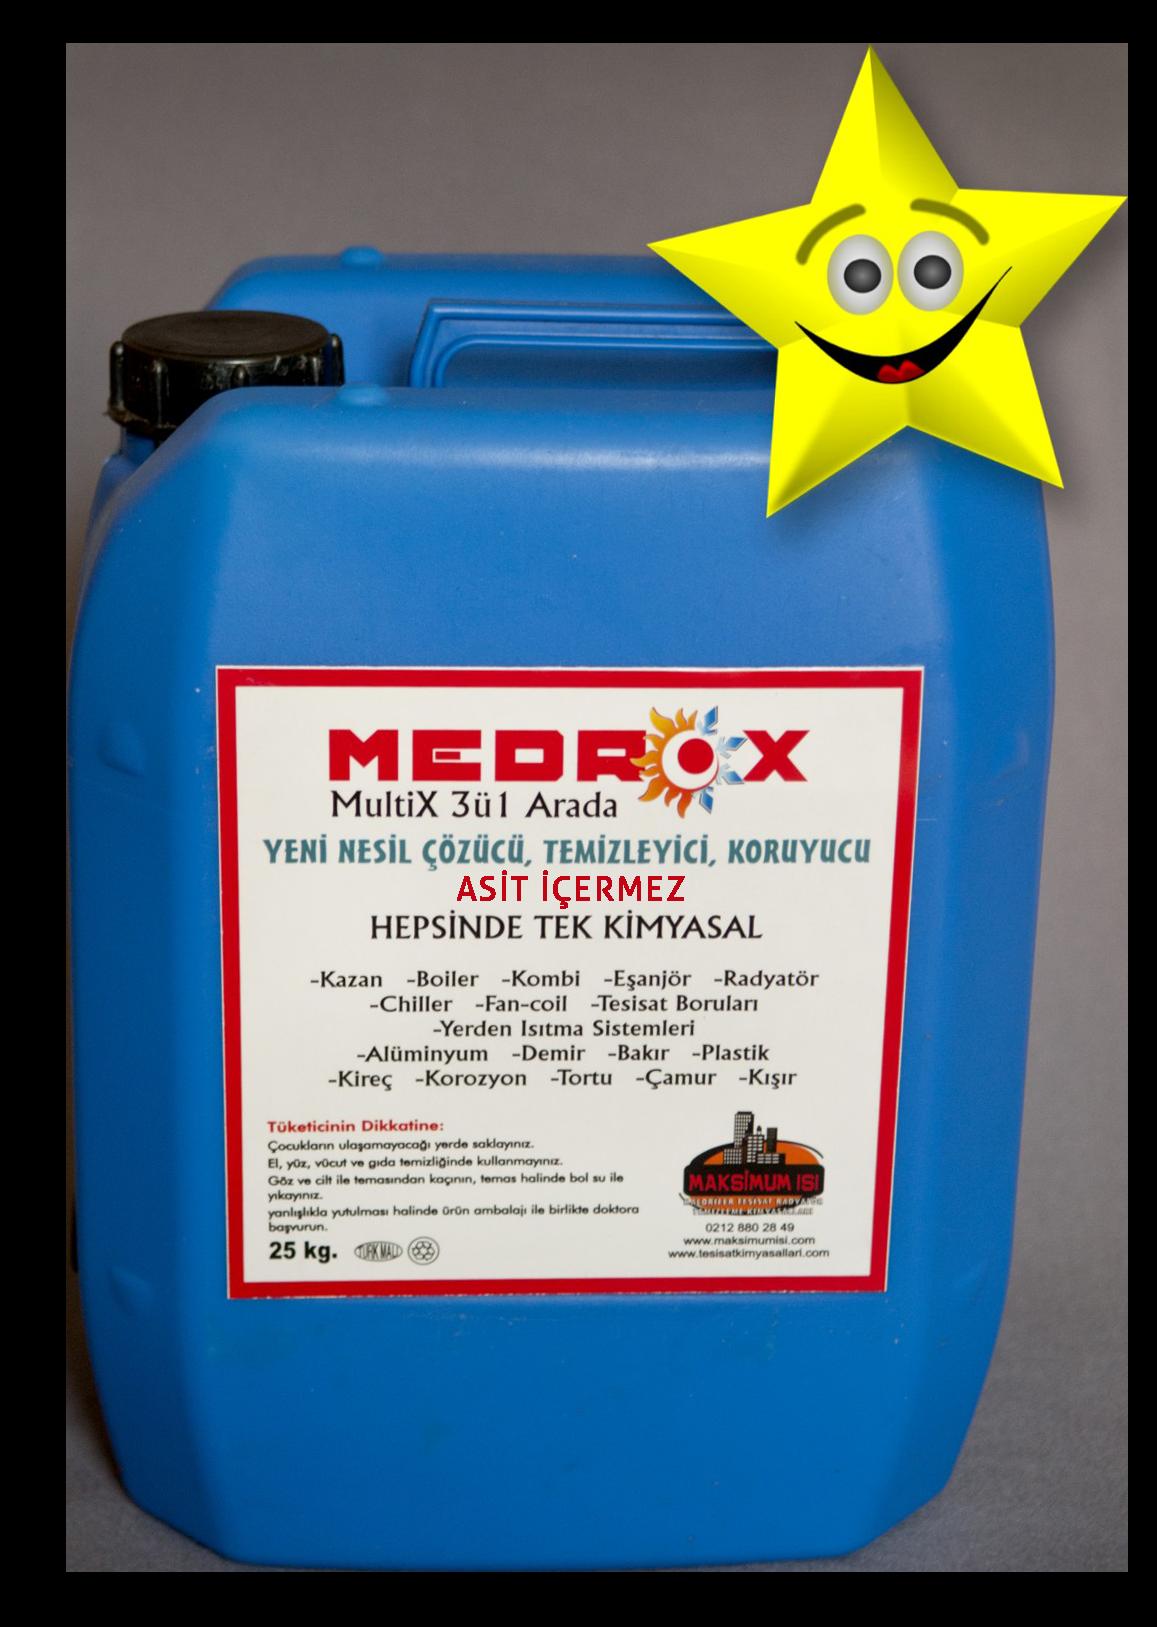 Medrox Multix Petek temizleme kimyasalı 25 Kg.